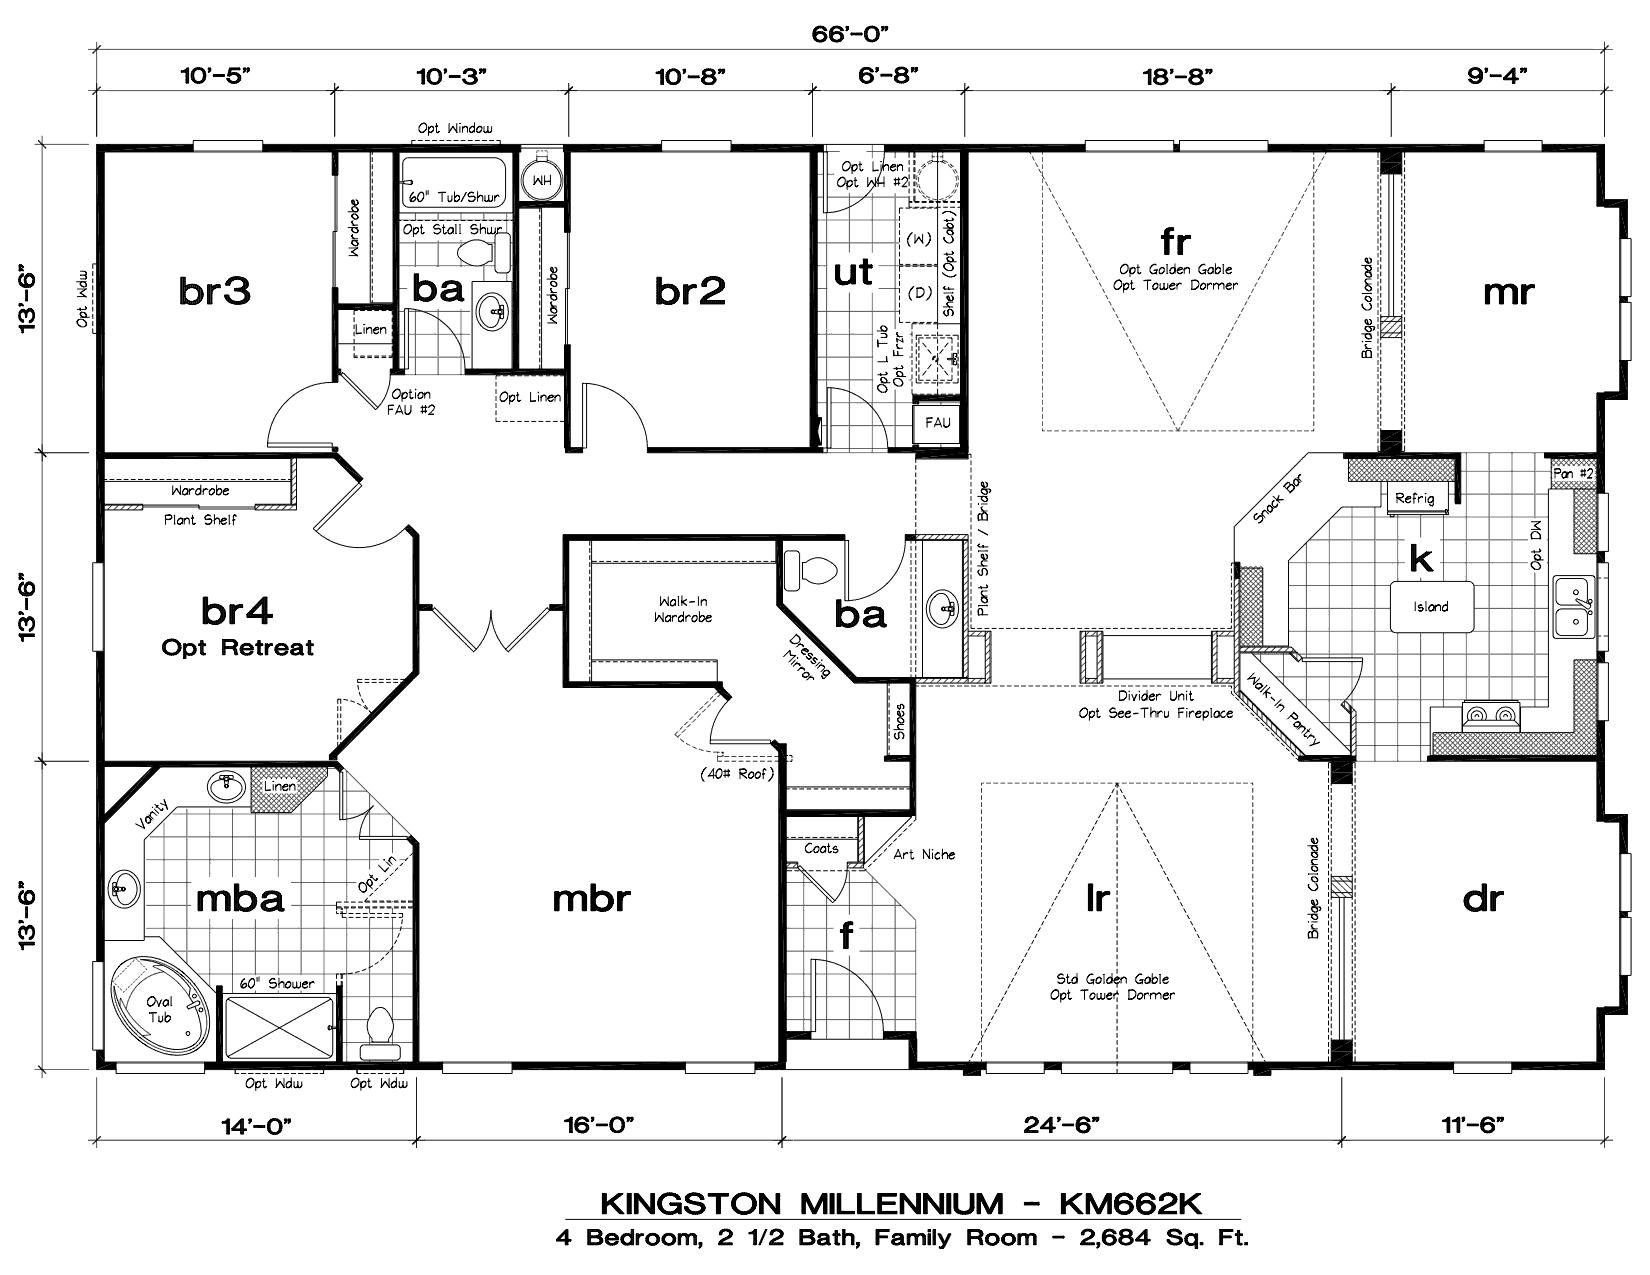 Floor Plans For Marlette Manufactured Homes